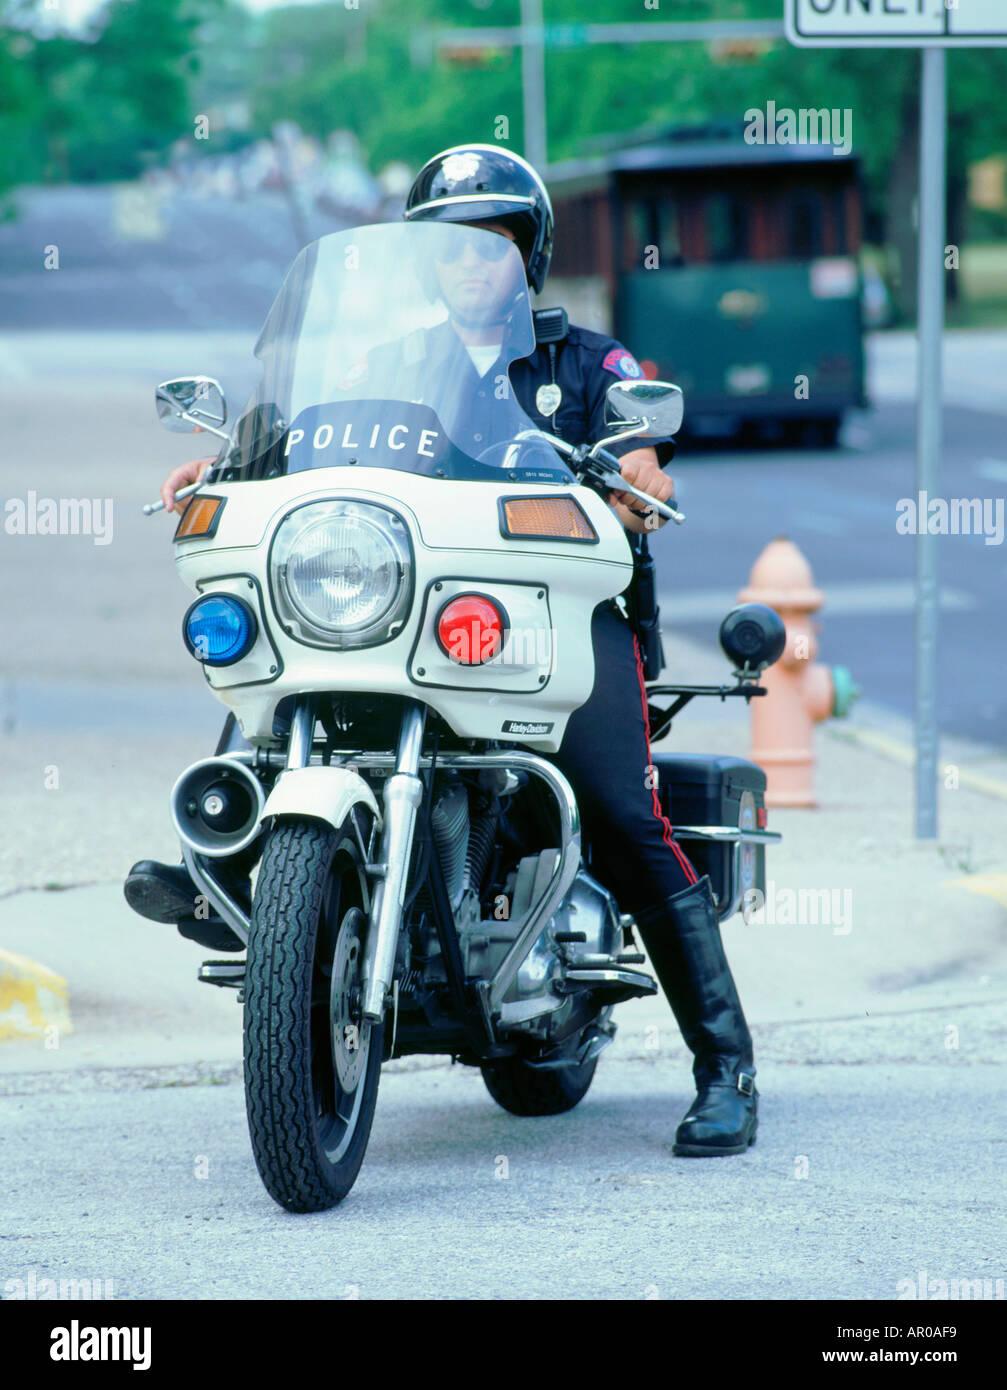 Harley Davidson Police Bike Stock Photos & Harley Davidson Police